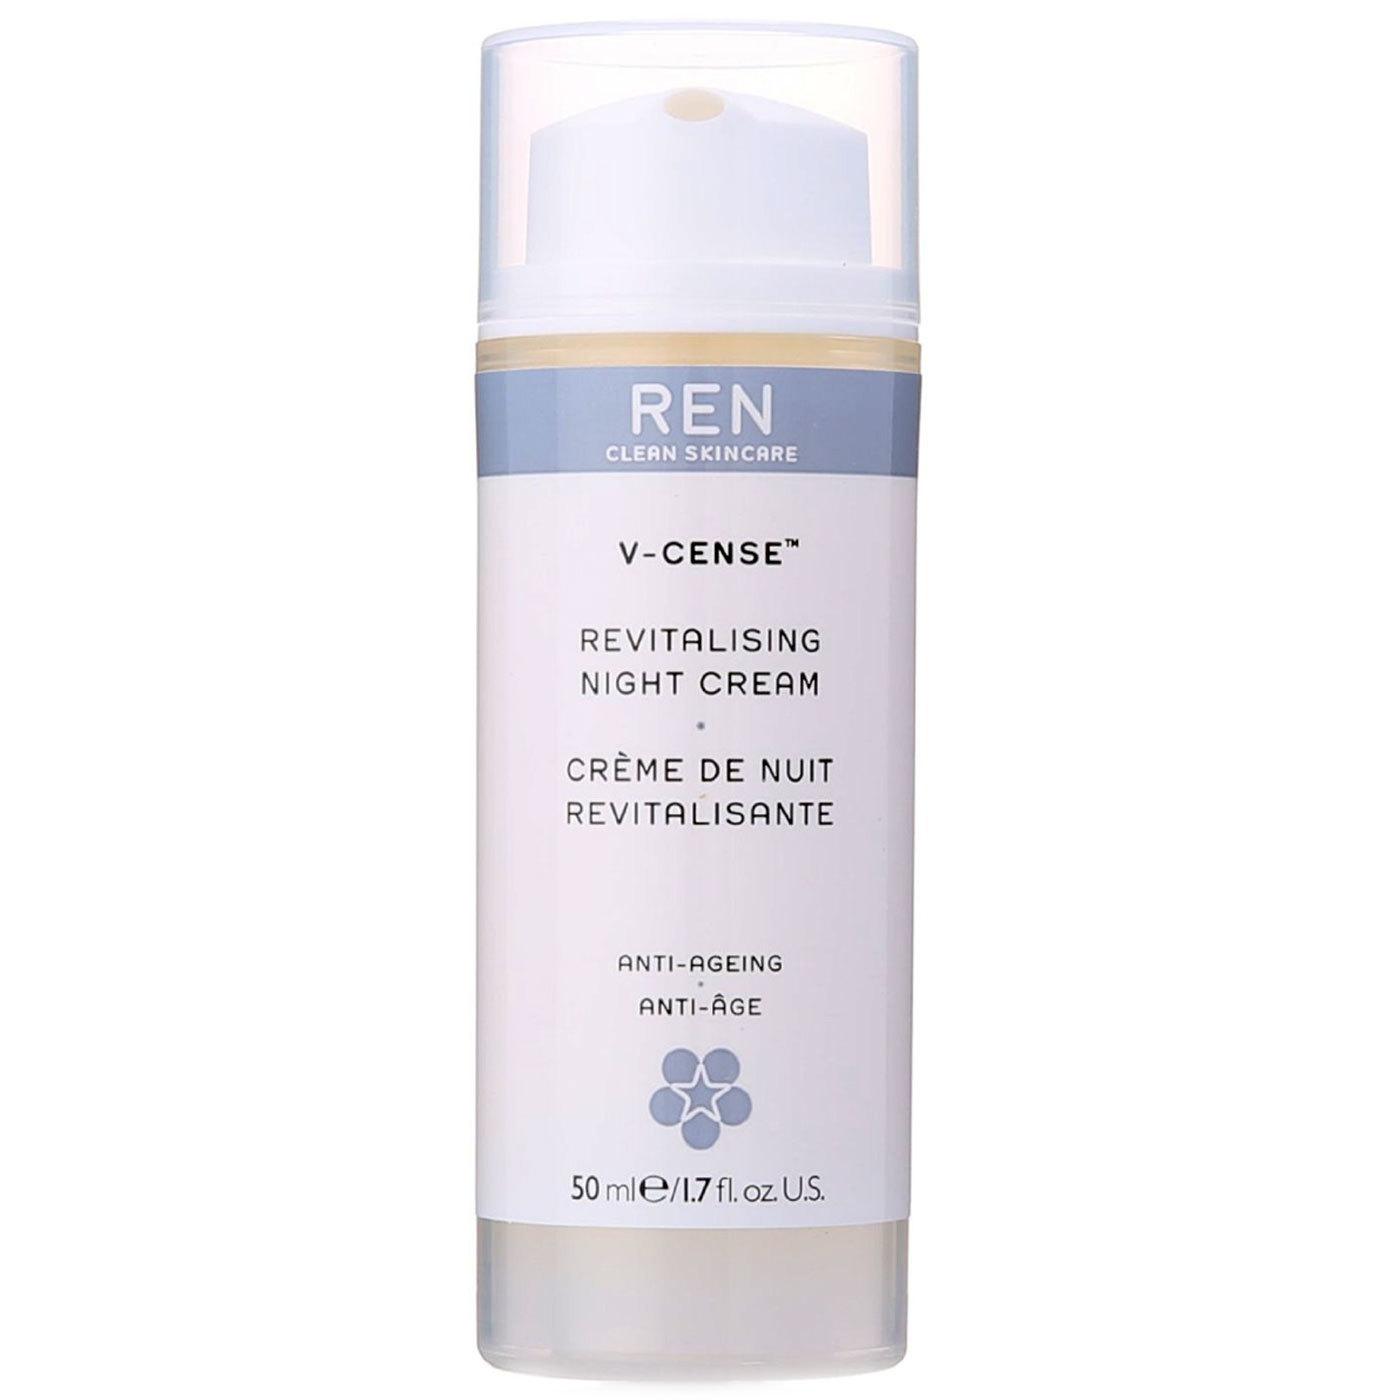 REN - V-Cense Revitalising Night Cream 50 ml